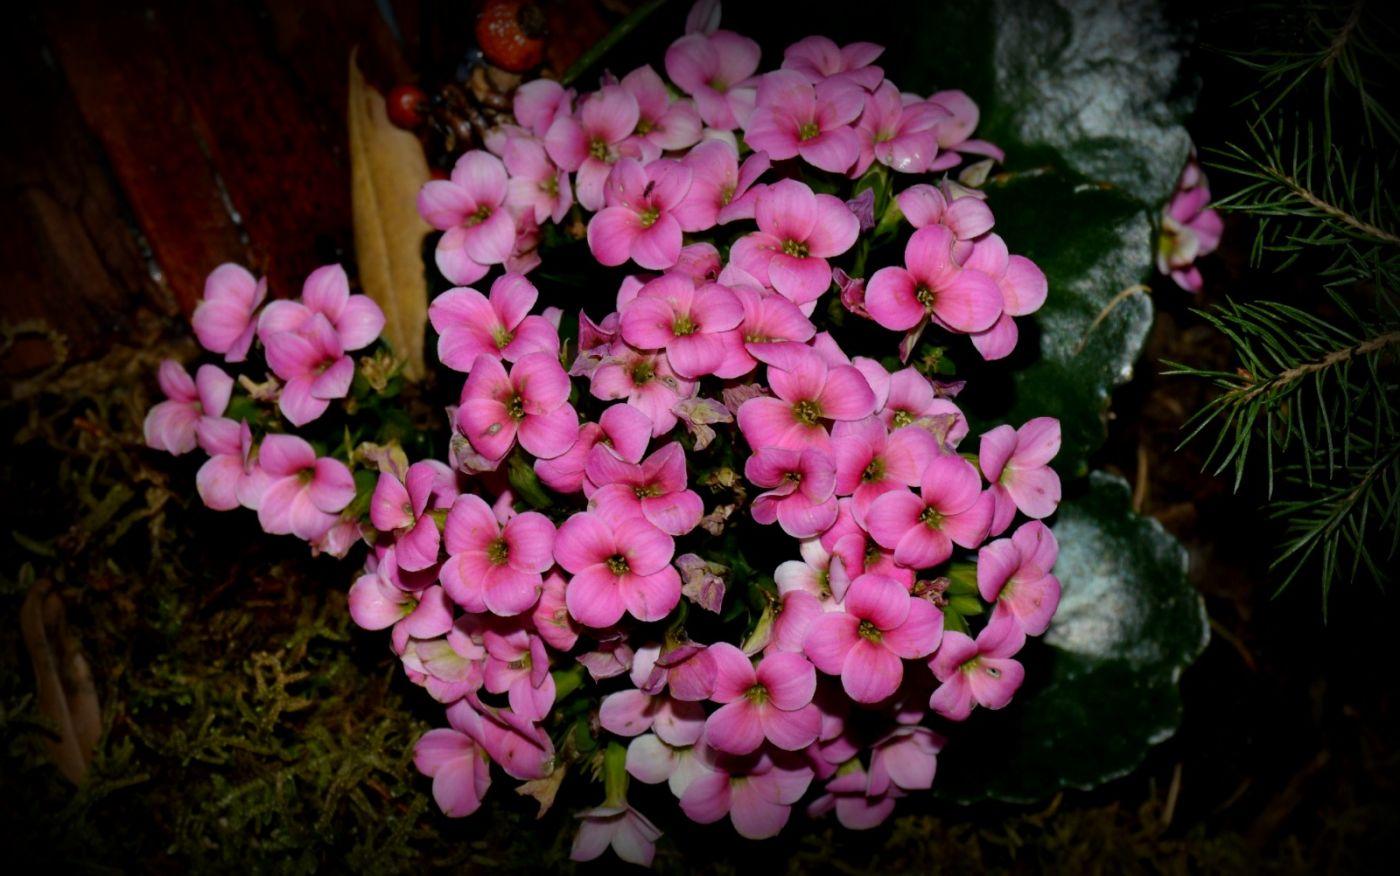 最近在溫室拍攝的花 (1)_圖1-9